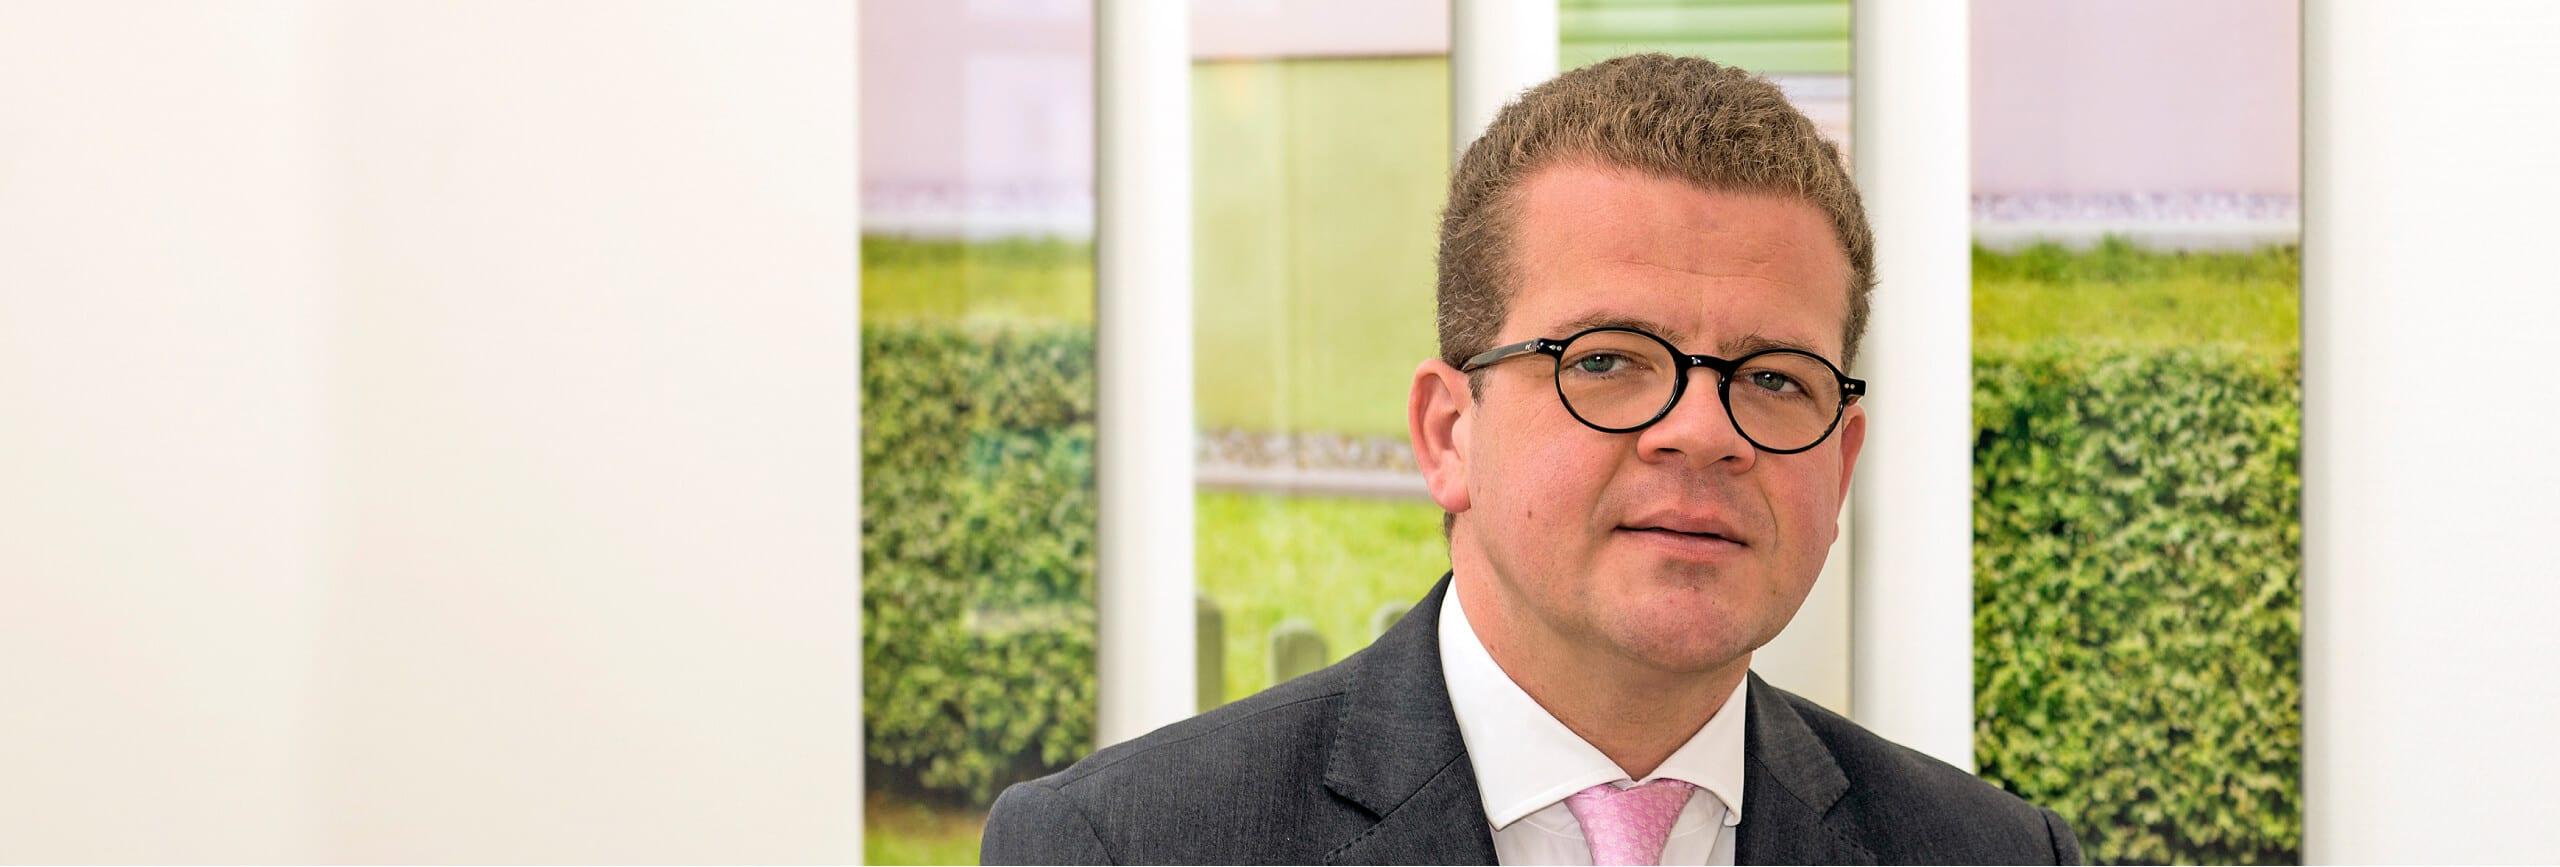 Dr. Florian Schell